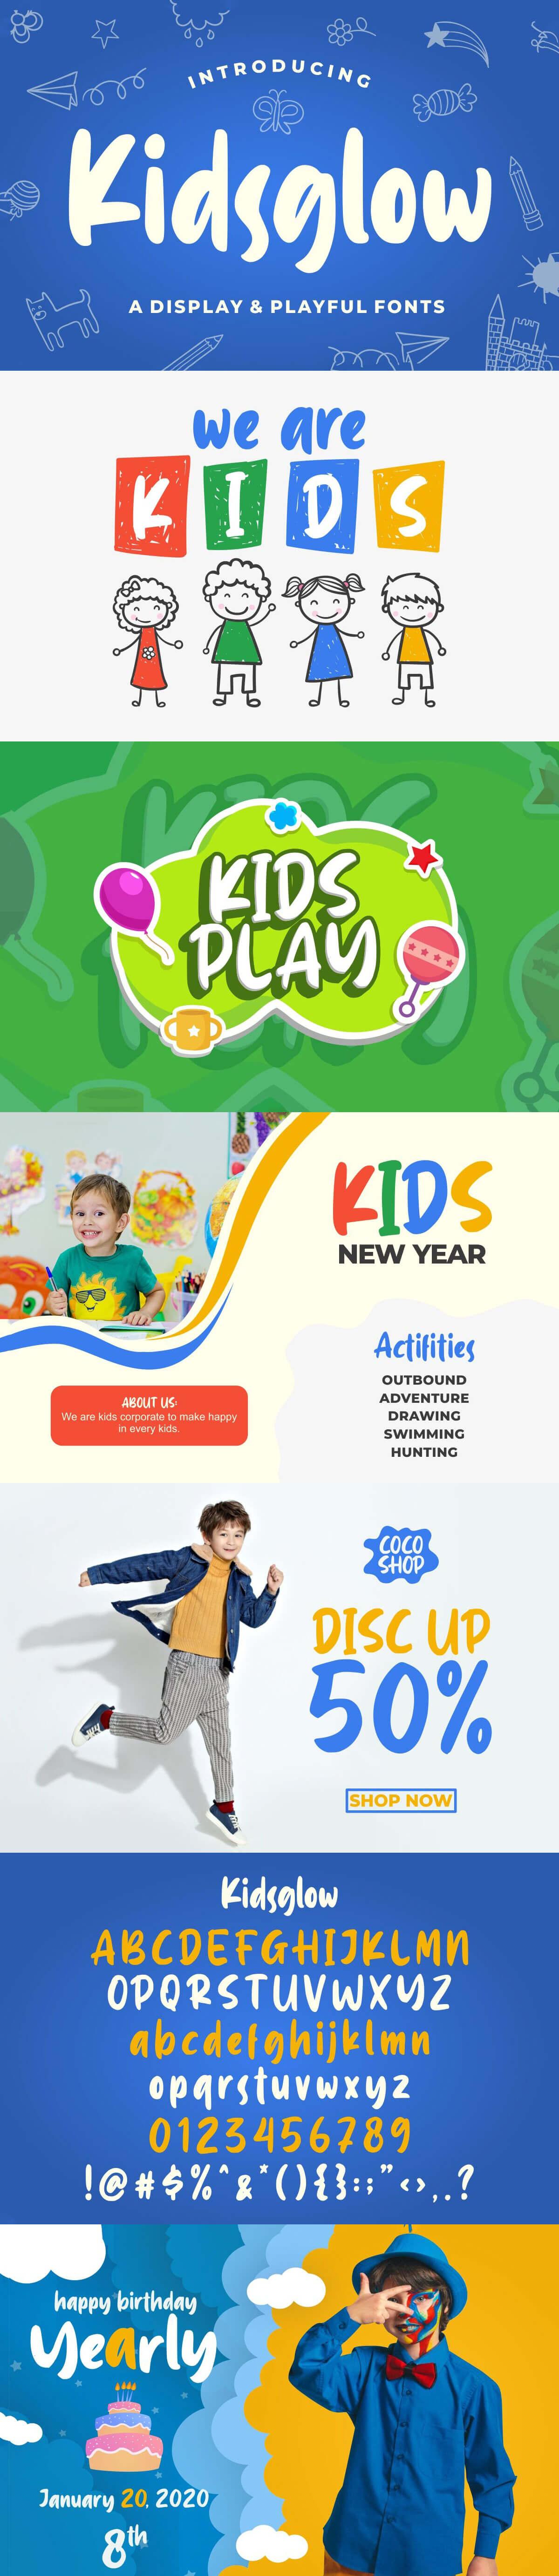 Free Kidsglow Playful Display Font